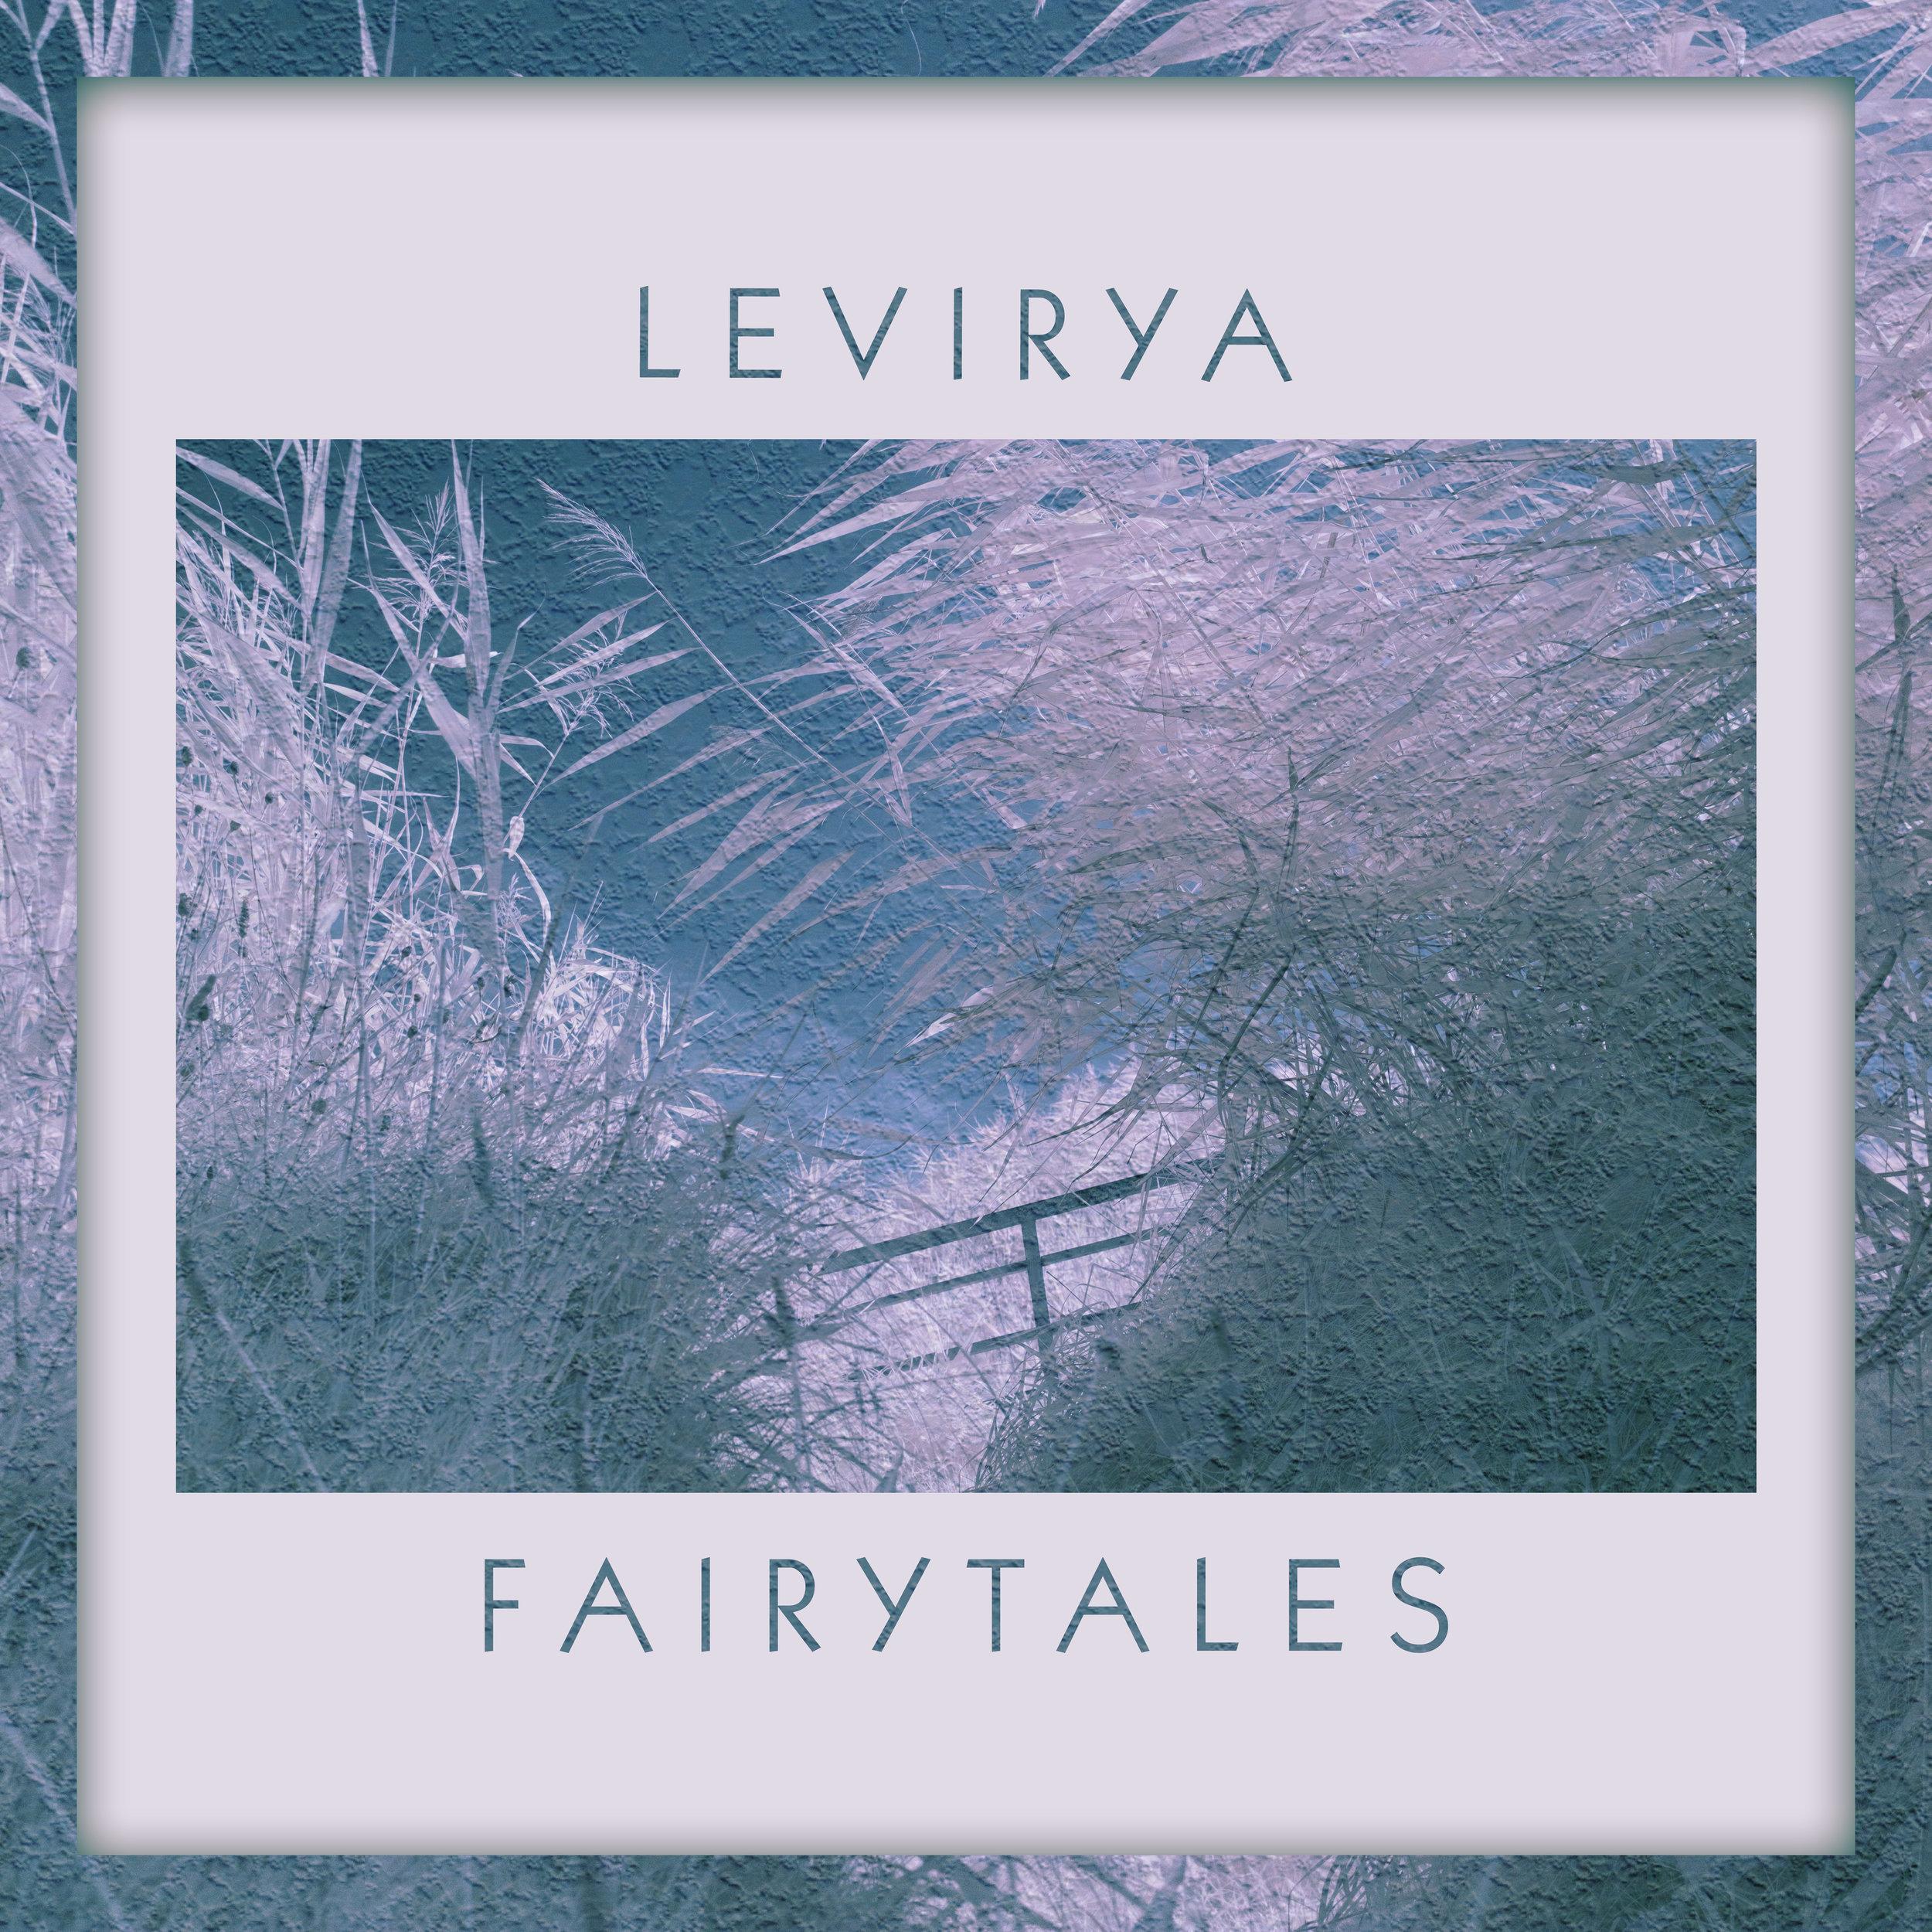 Fairytales - LeVirya